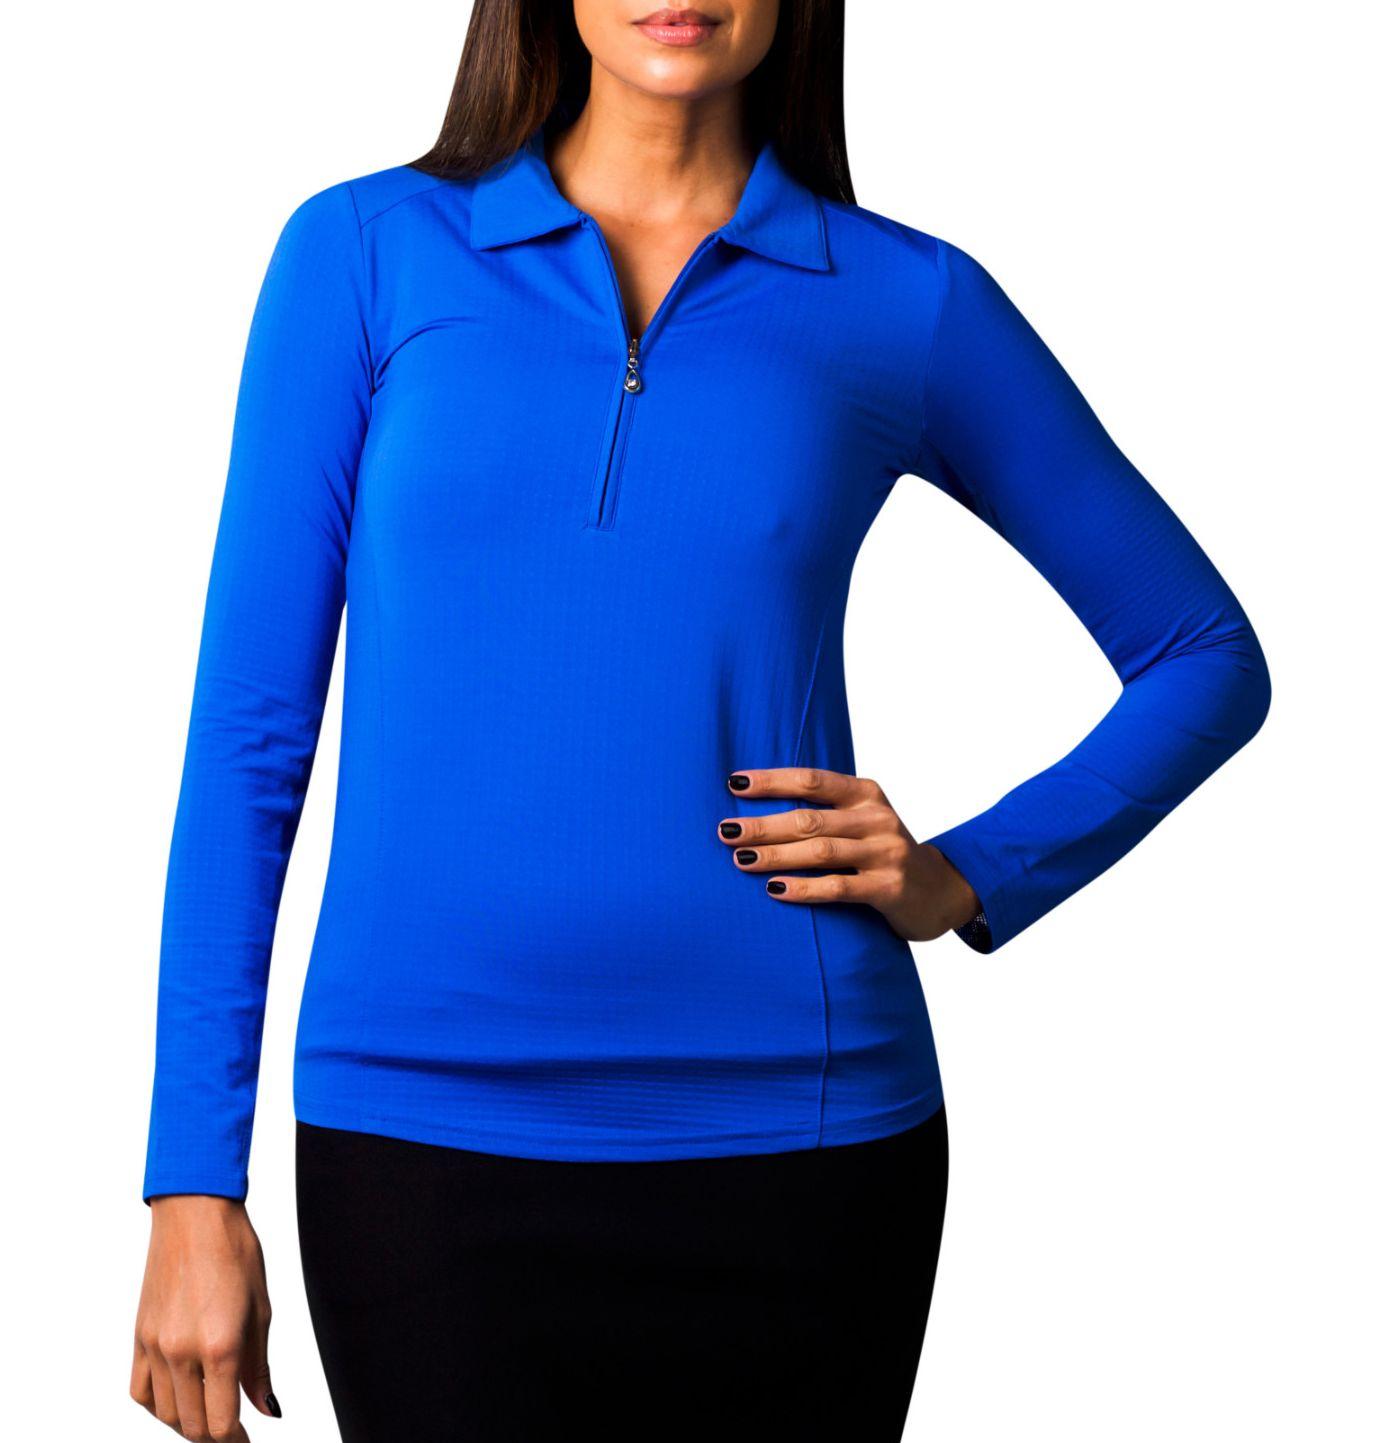 SanSoleil Women's SolTek ICE Solid ¼-Zip Golf Pullover